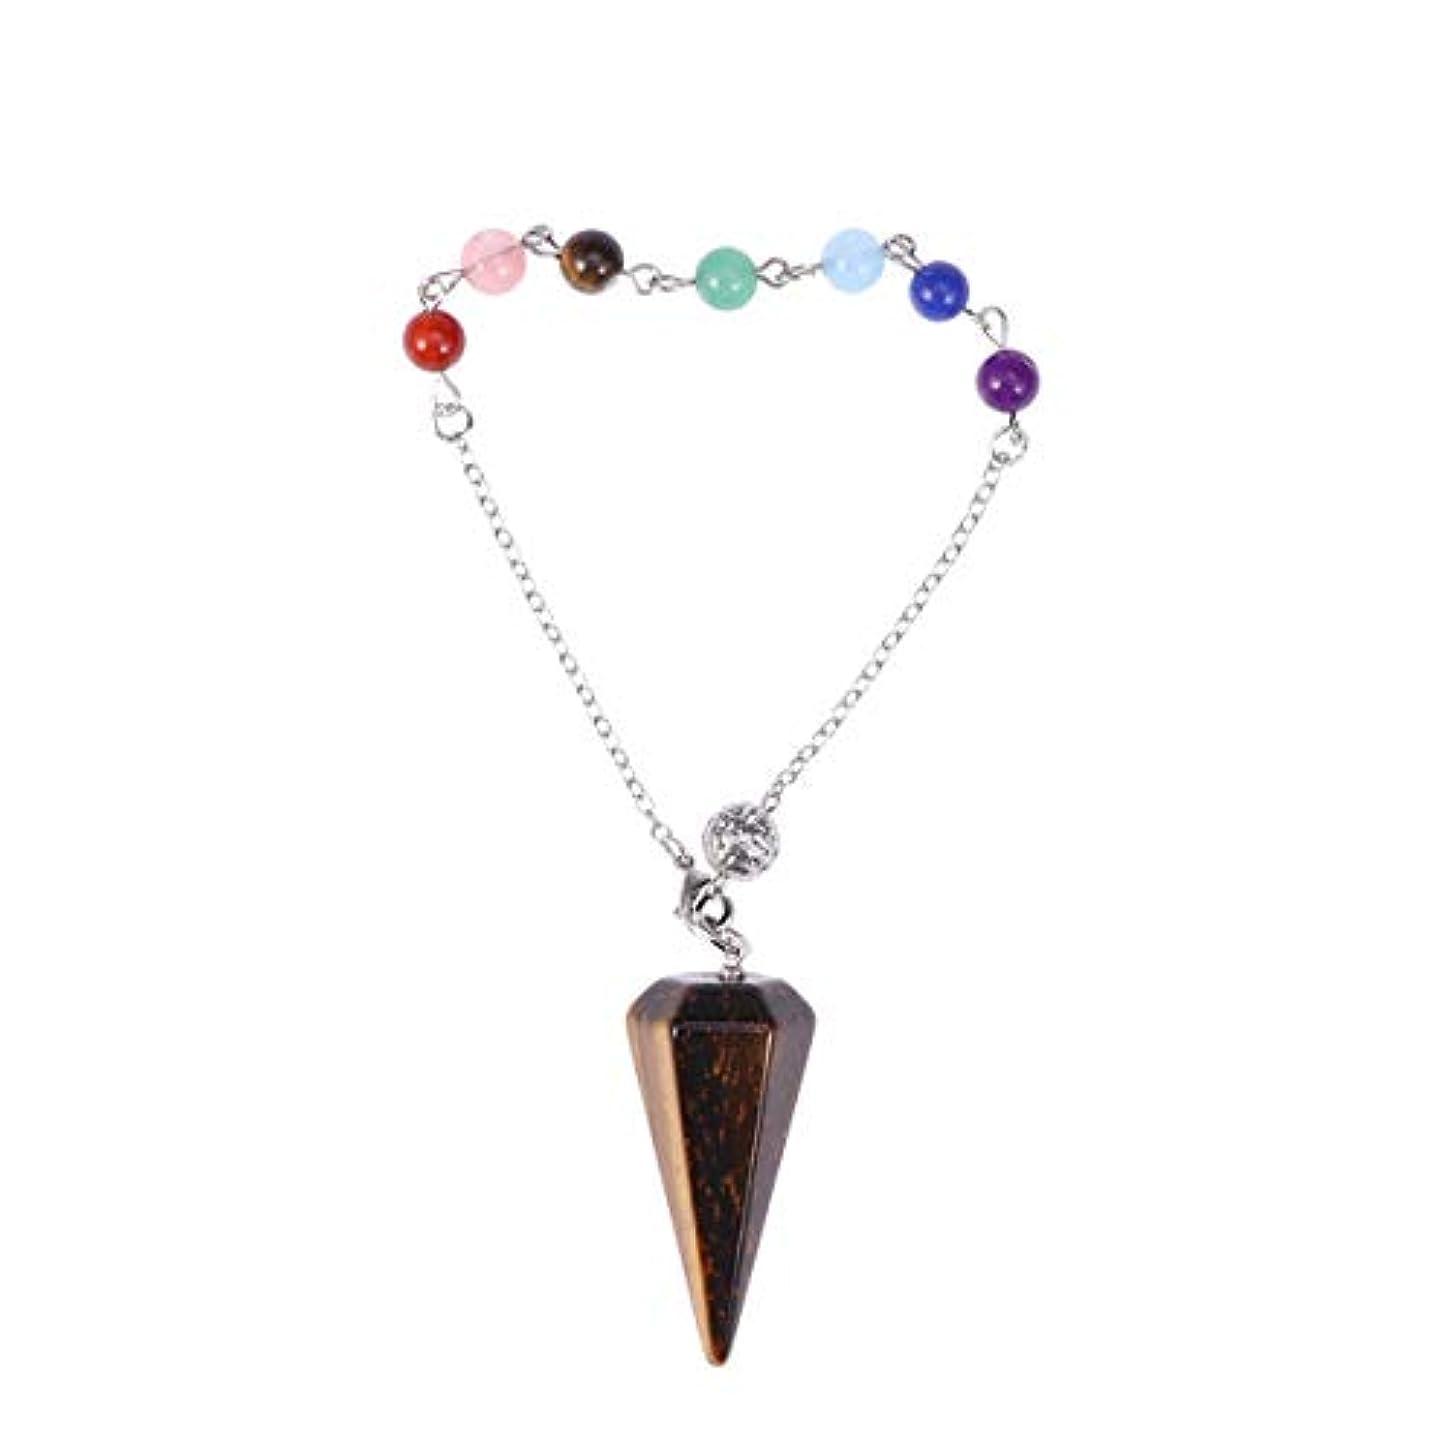 まあ関係する出費Healifty 美容装飾天然水晶六角形ペンダントターコイズ六角形チャクラチェーンペンダント(タイガーアイ宝石)